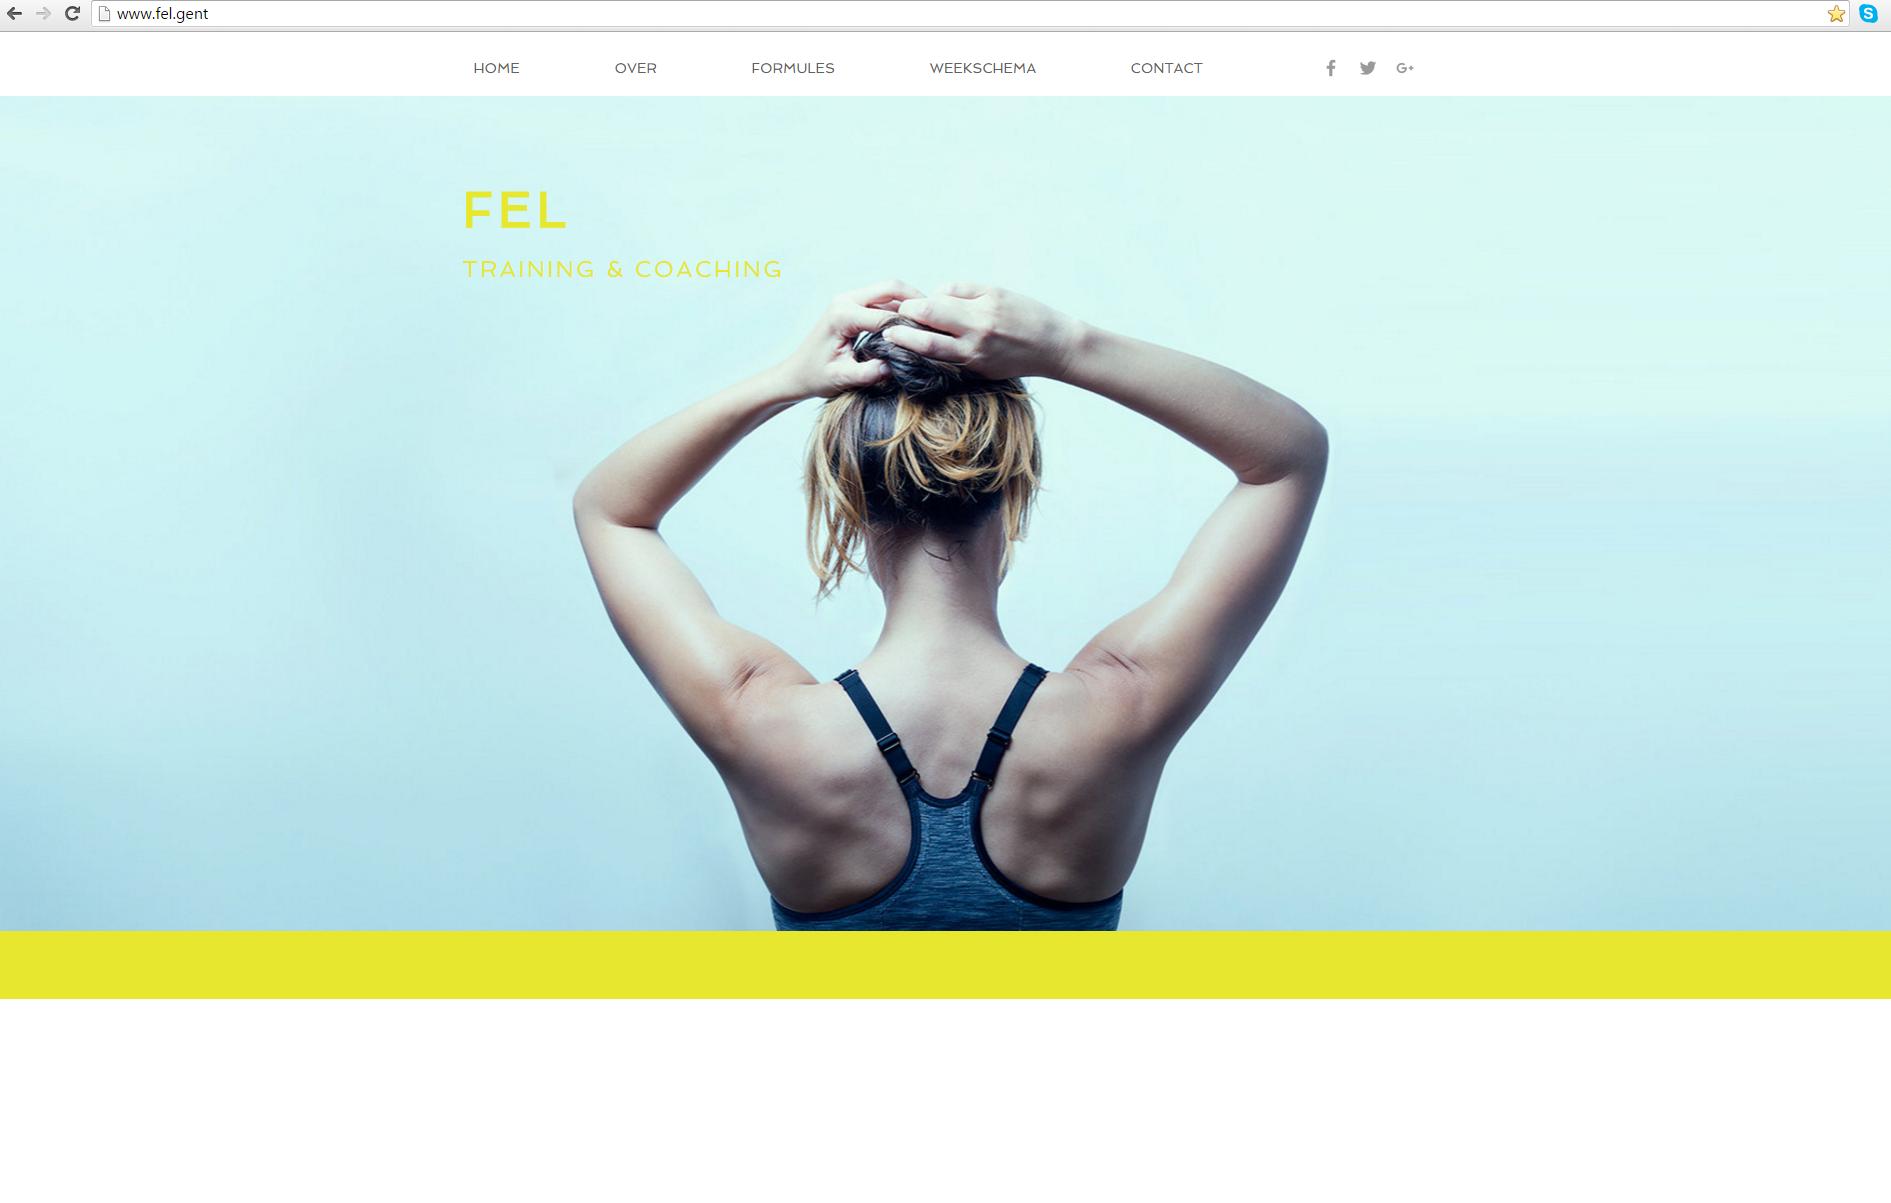 FEL | Training & Coaching